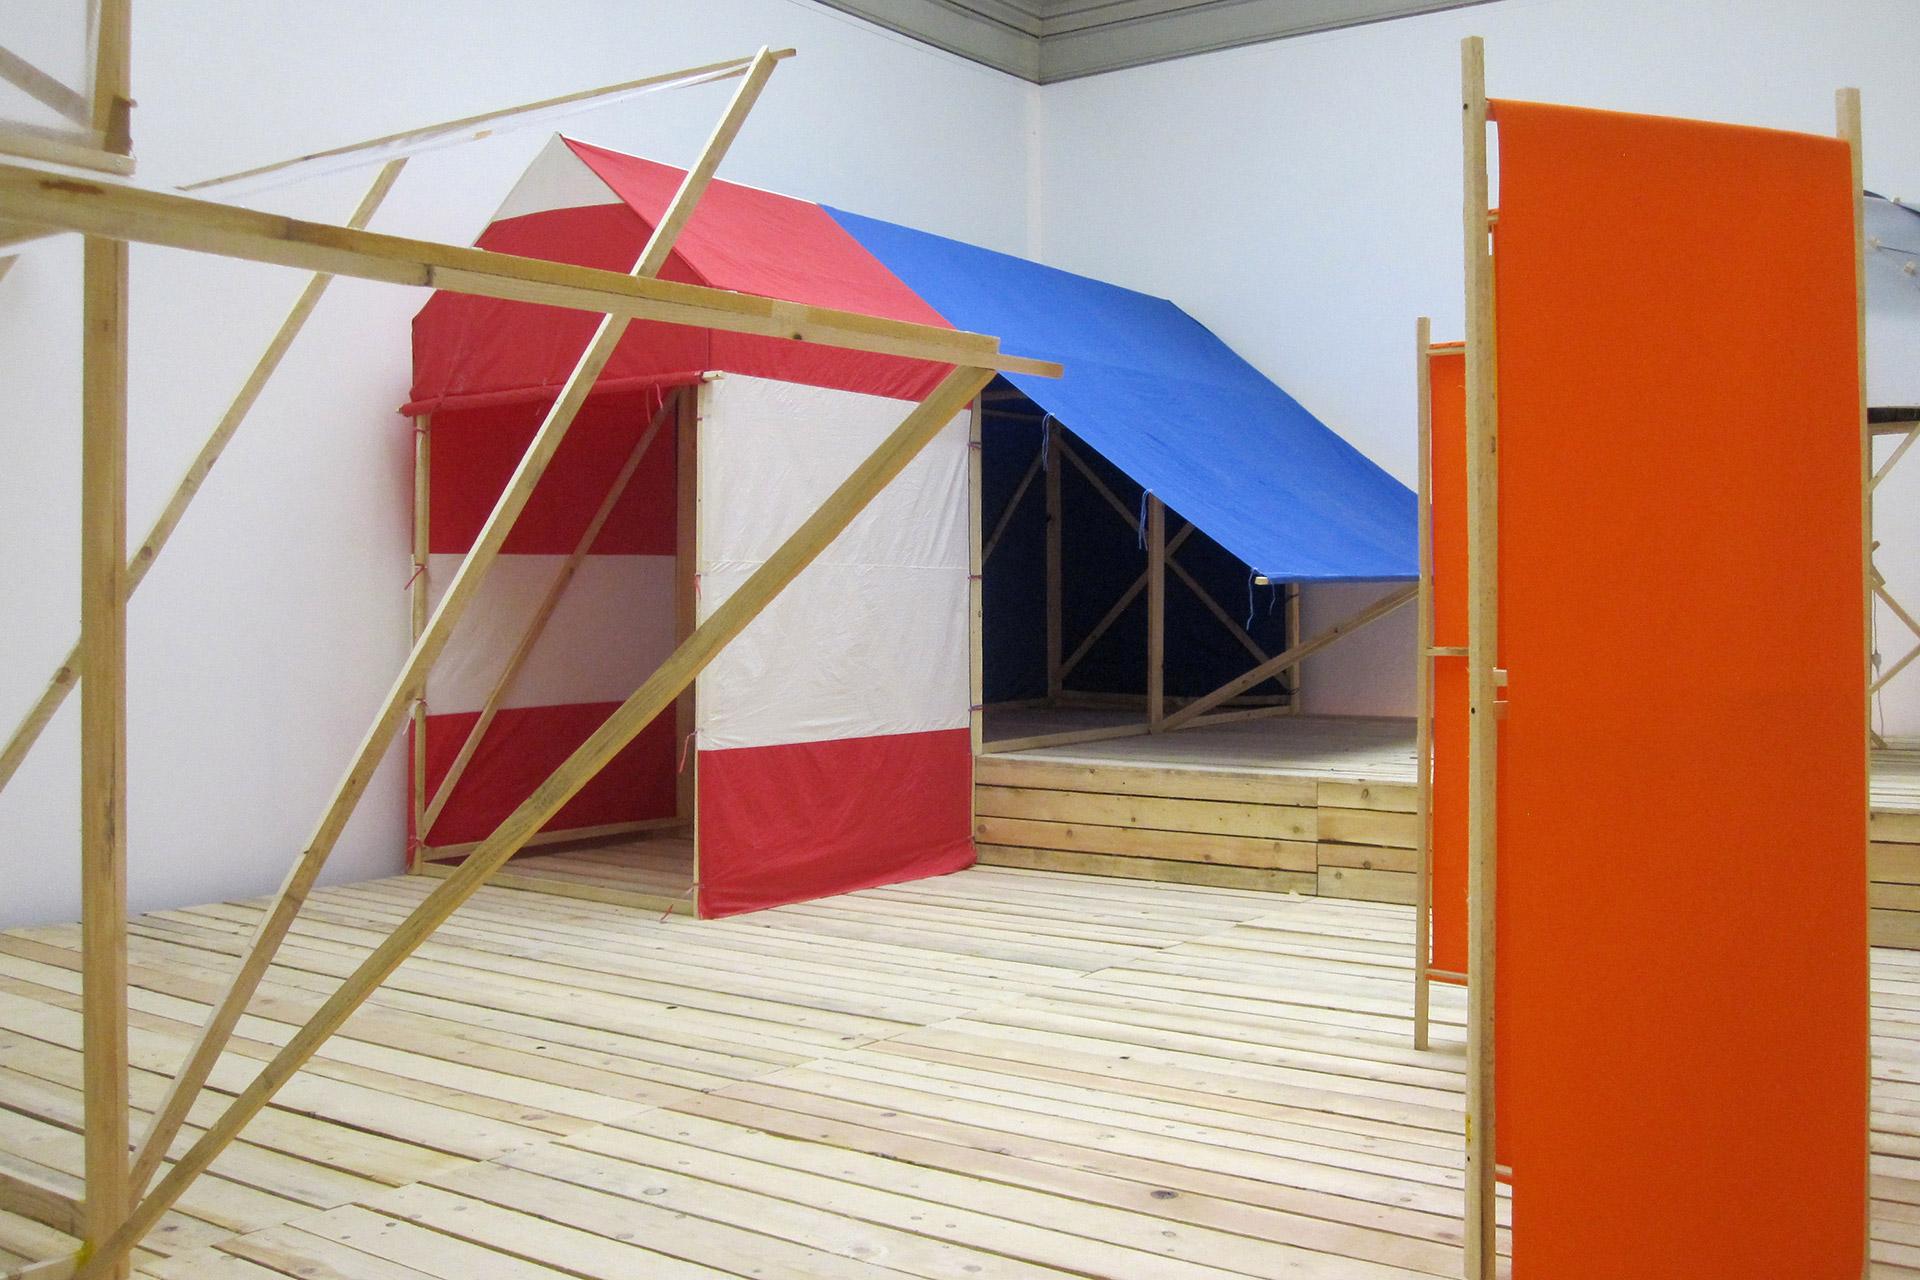 Koefer-Hess-Kunsthalle-Winterthur-2013-1.jpg